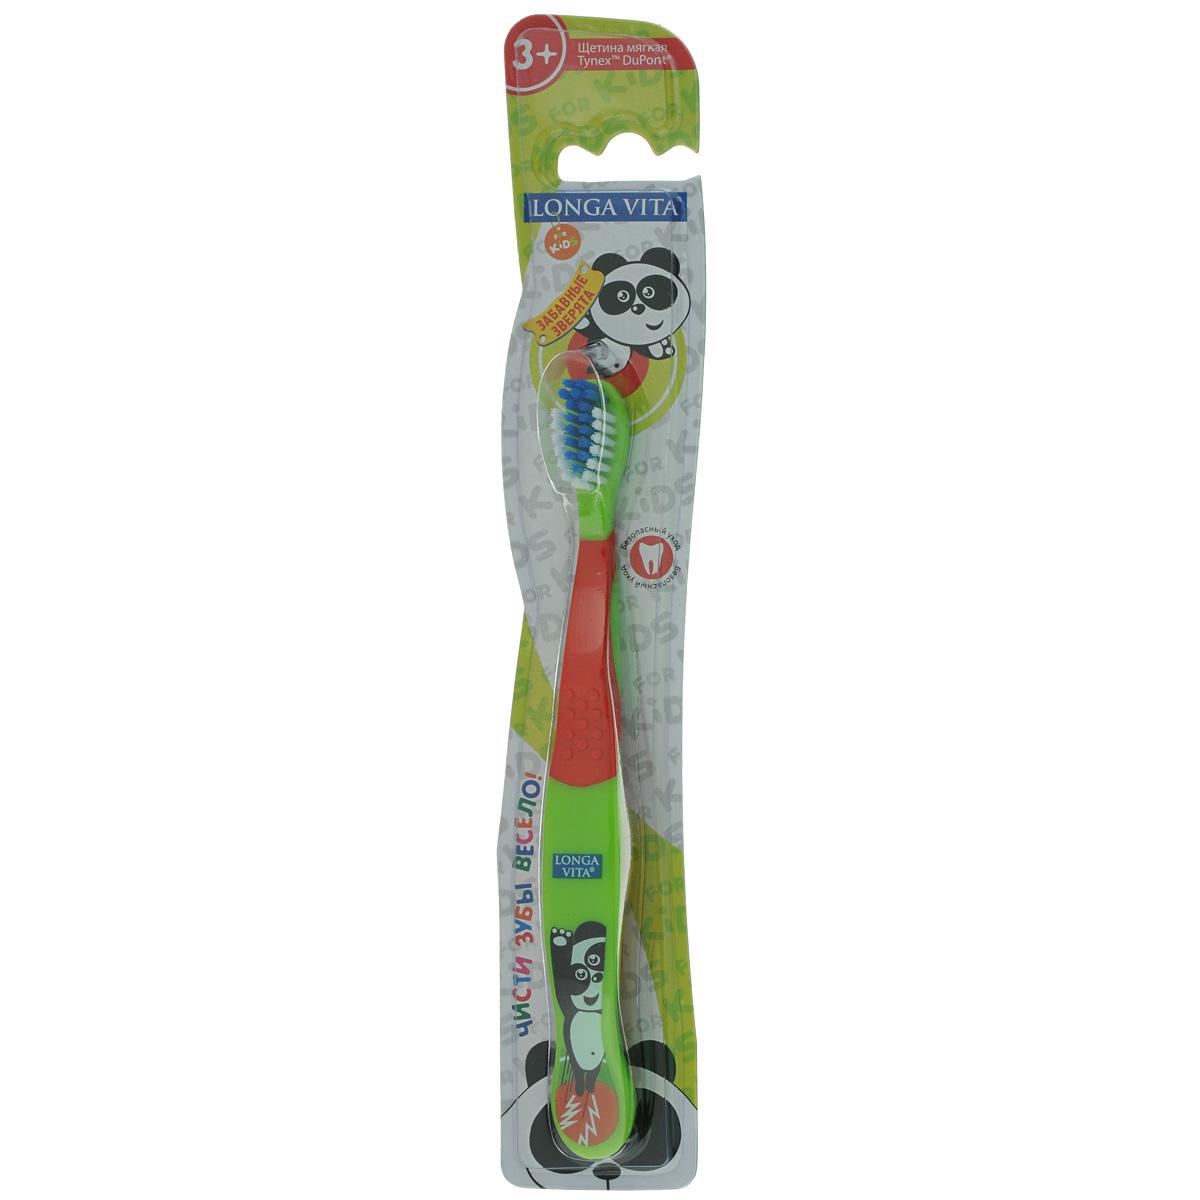 Детская зубная щетка Longa Vita Забавные зверята, цвет: зеленый, красный longa vita детская зубная щетка забавные зверята от 3 х лет арт s 138 longa vita зеленый